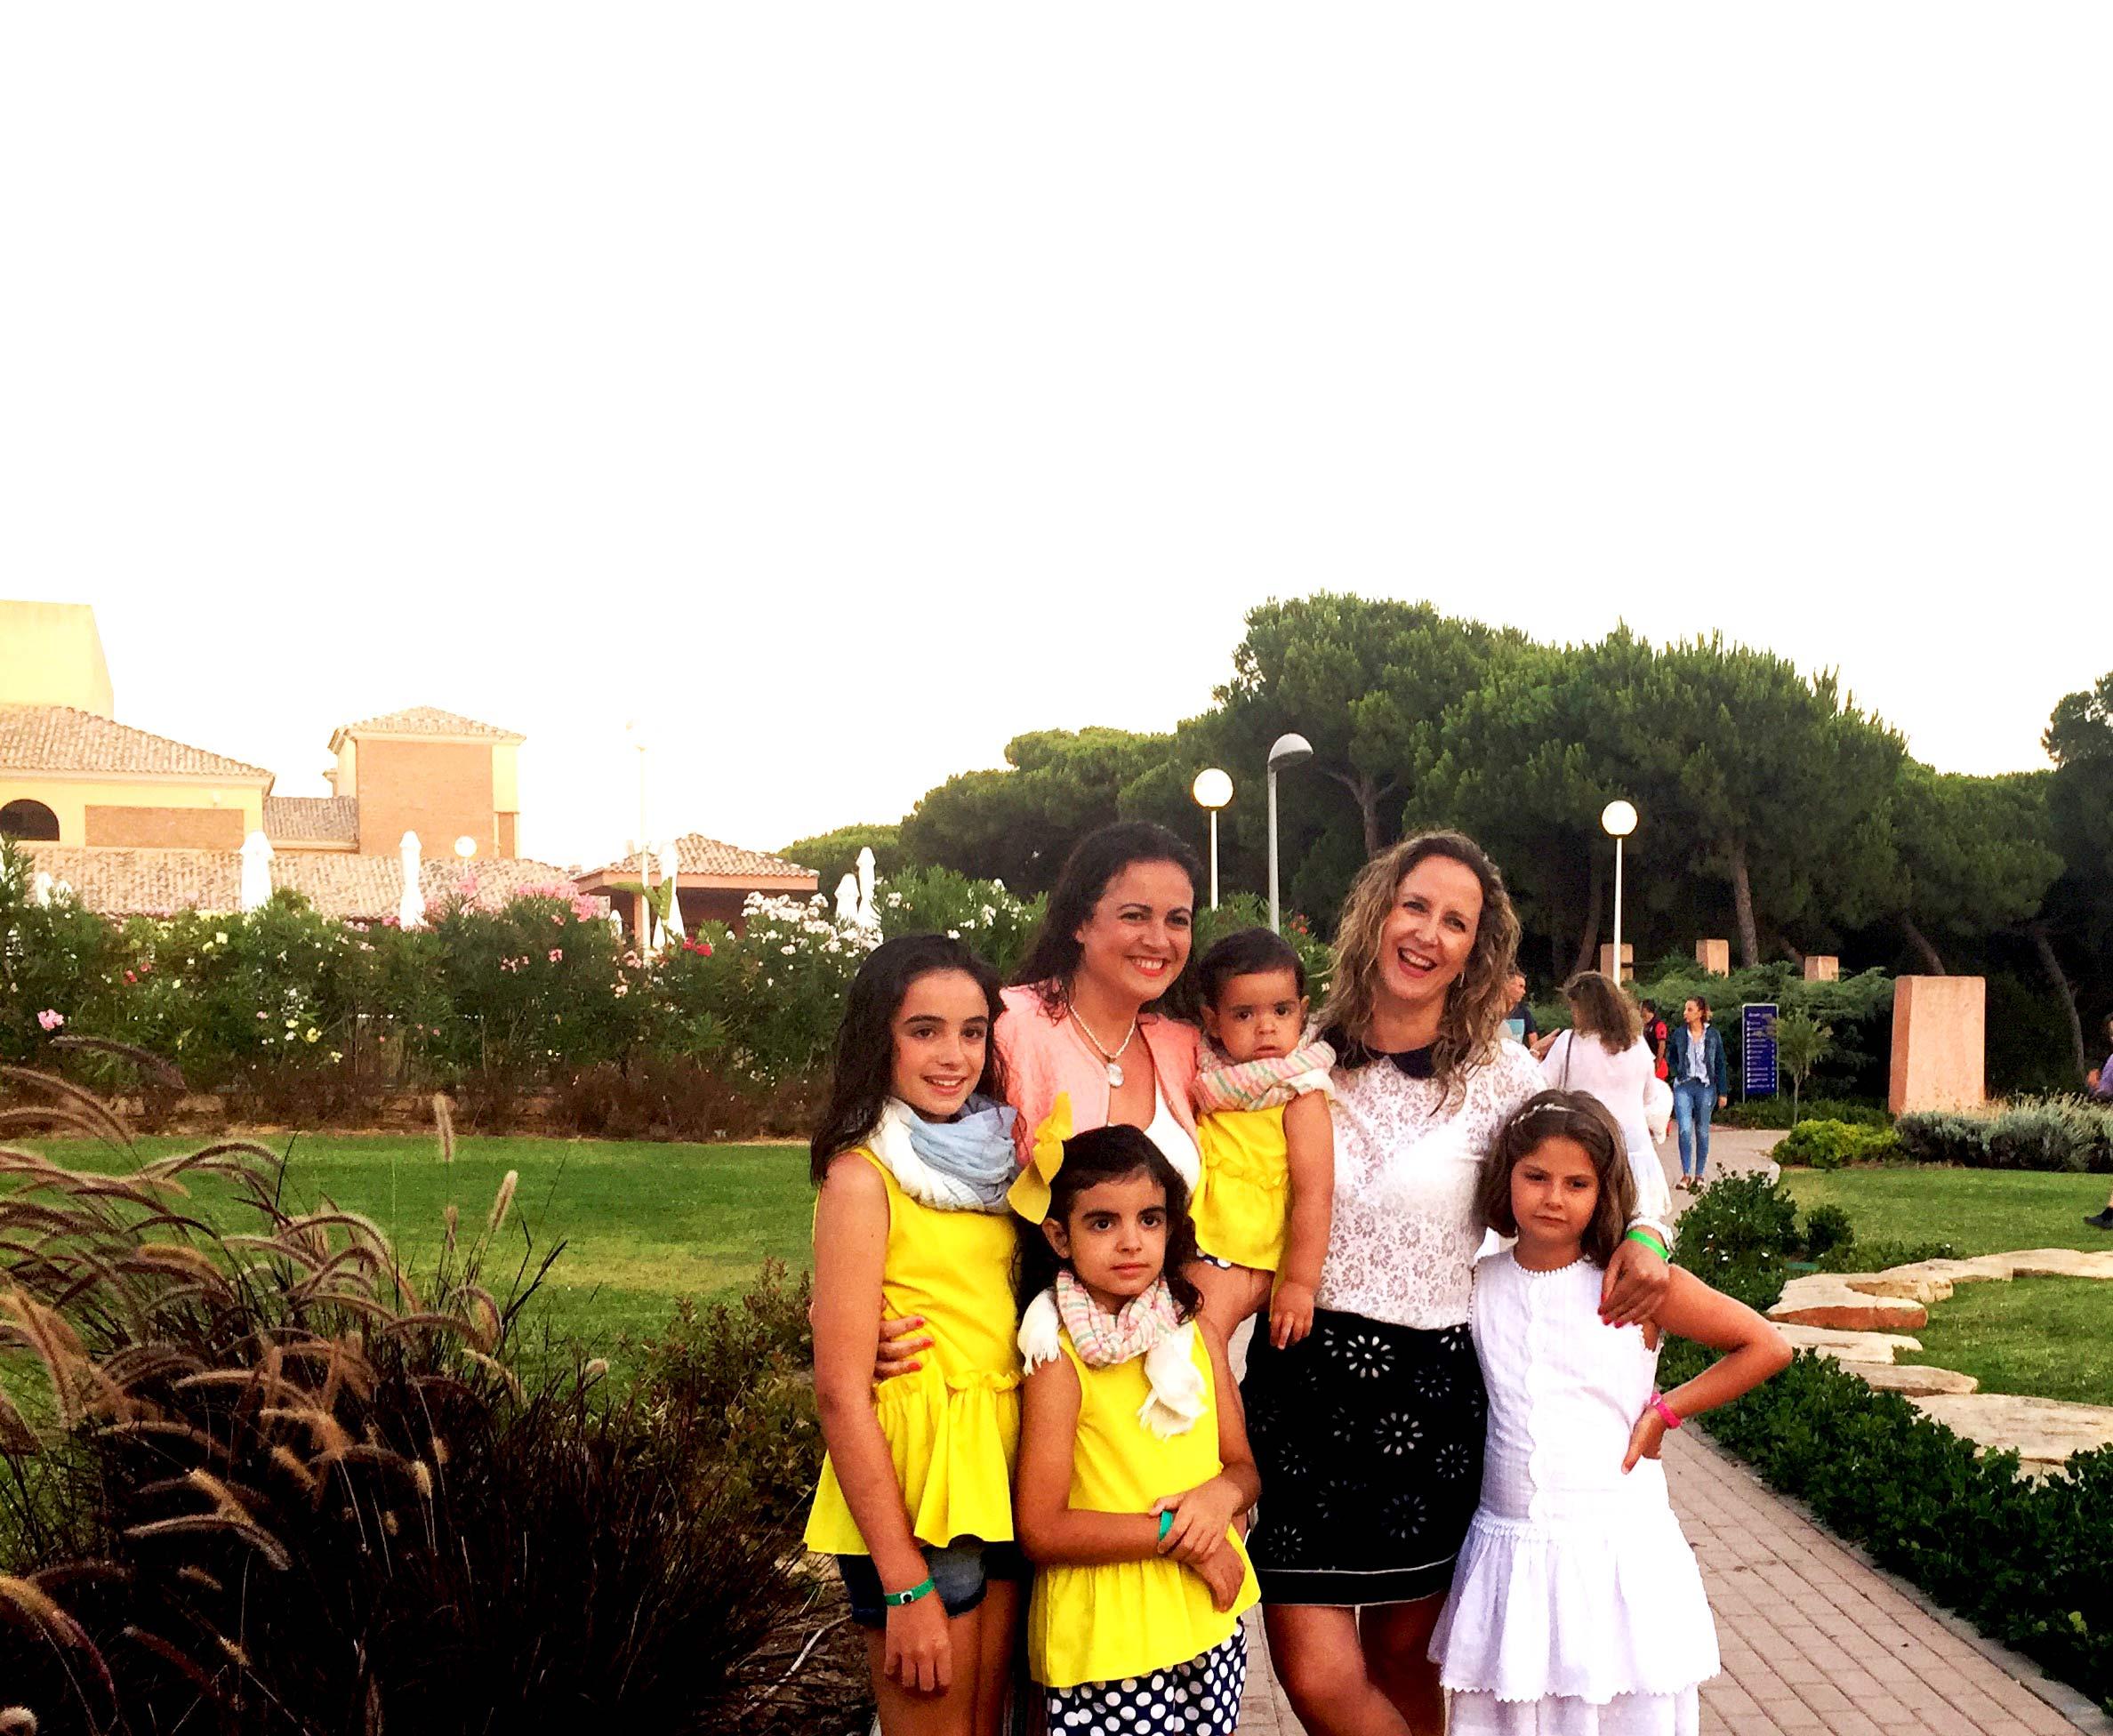 Con Prado y sus tres muñecas... que chica mas cercana y mas normal... me encanto estar contigo... que lo sepas.